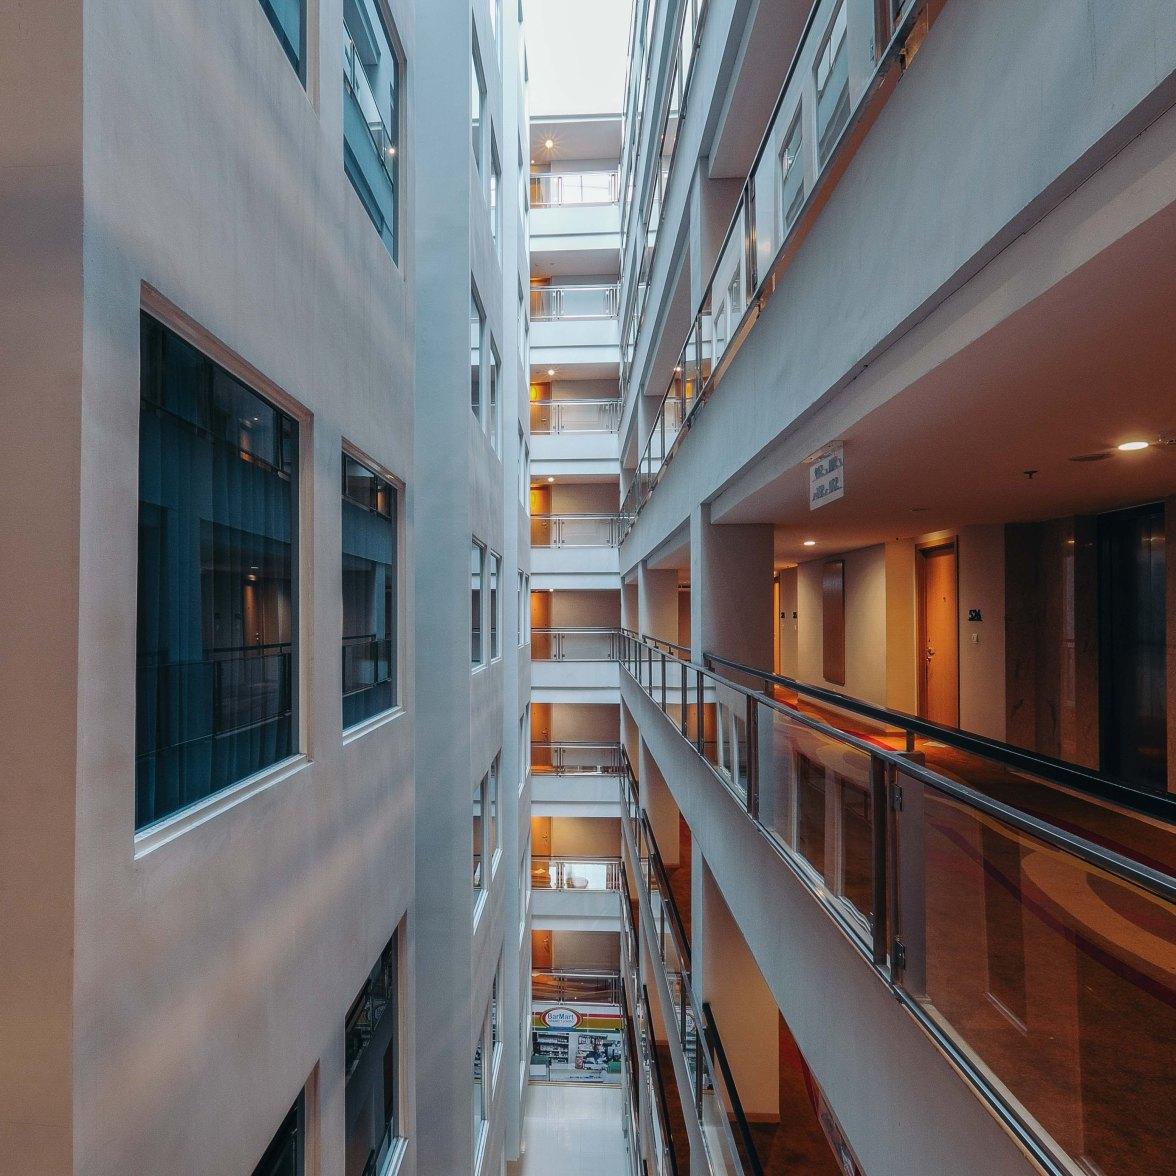 North Building